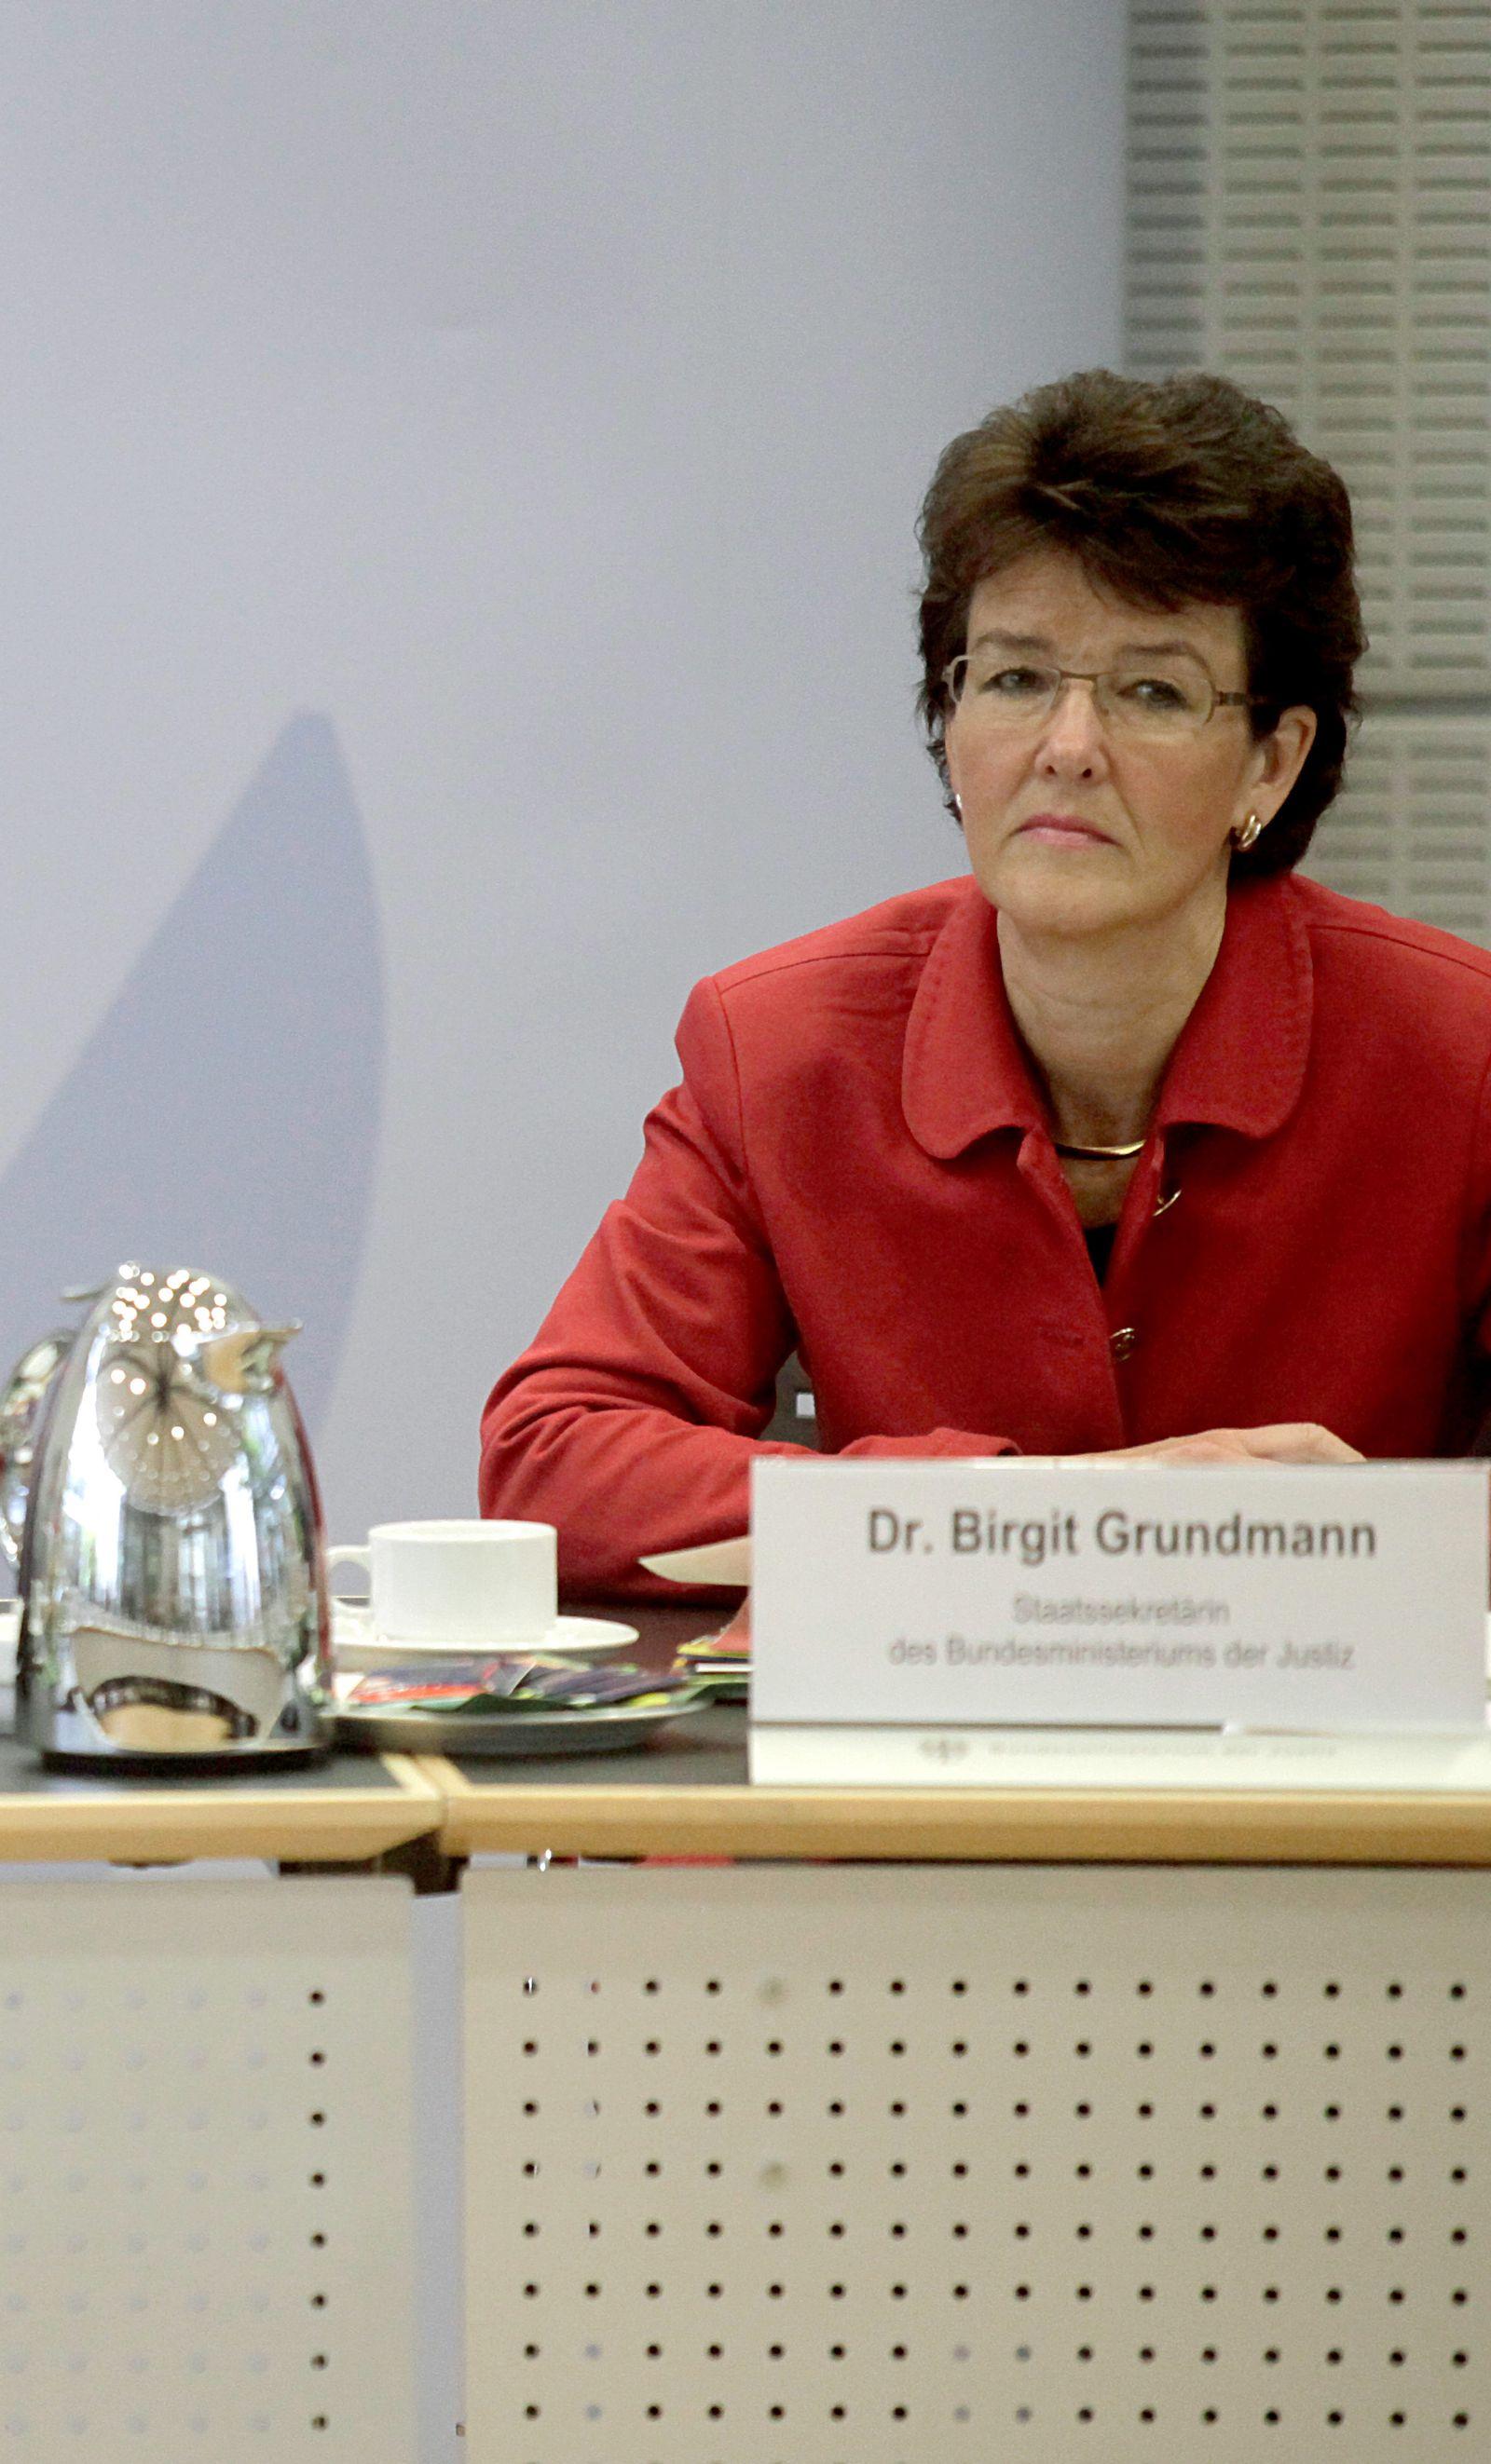 Birgit Grundmann